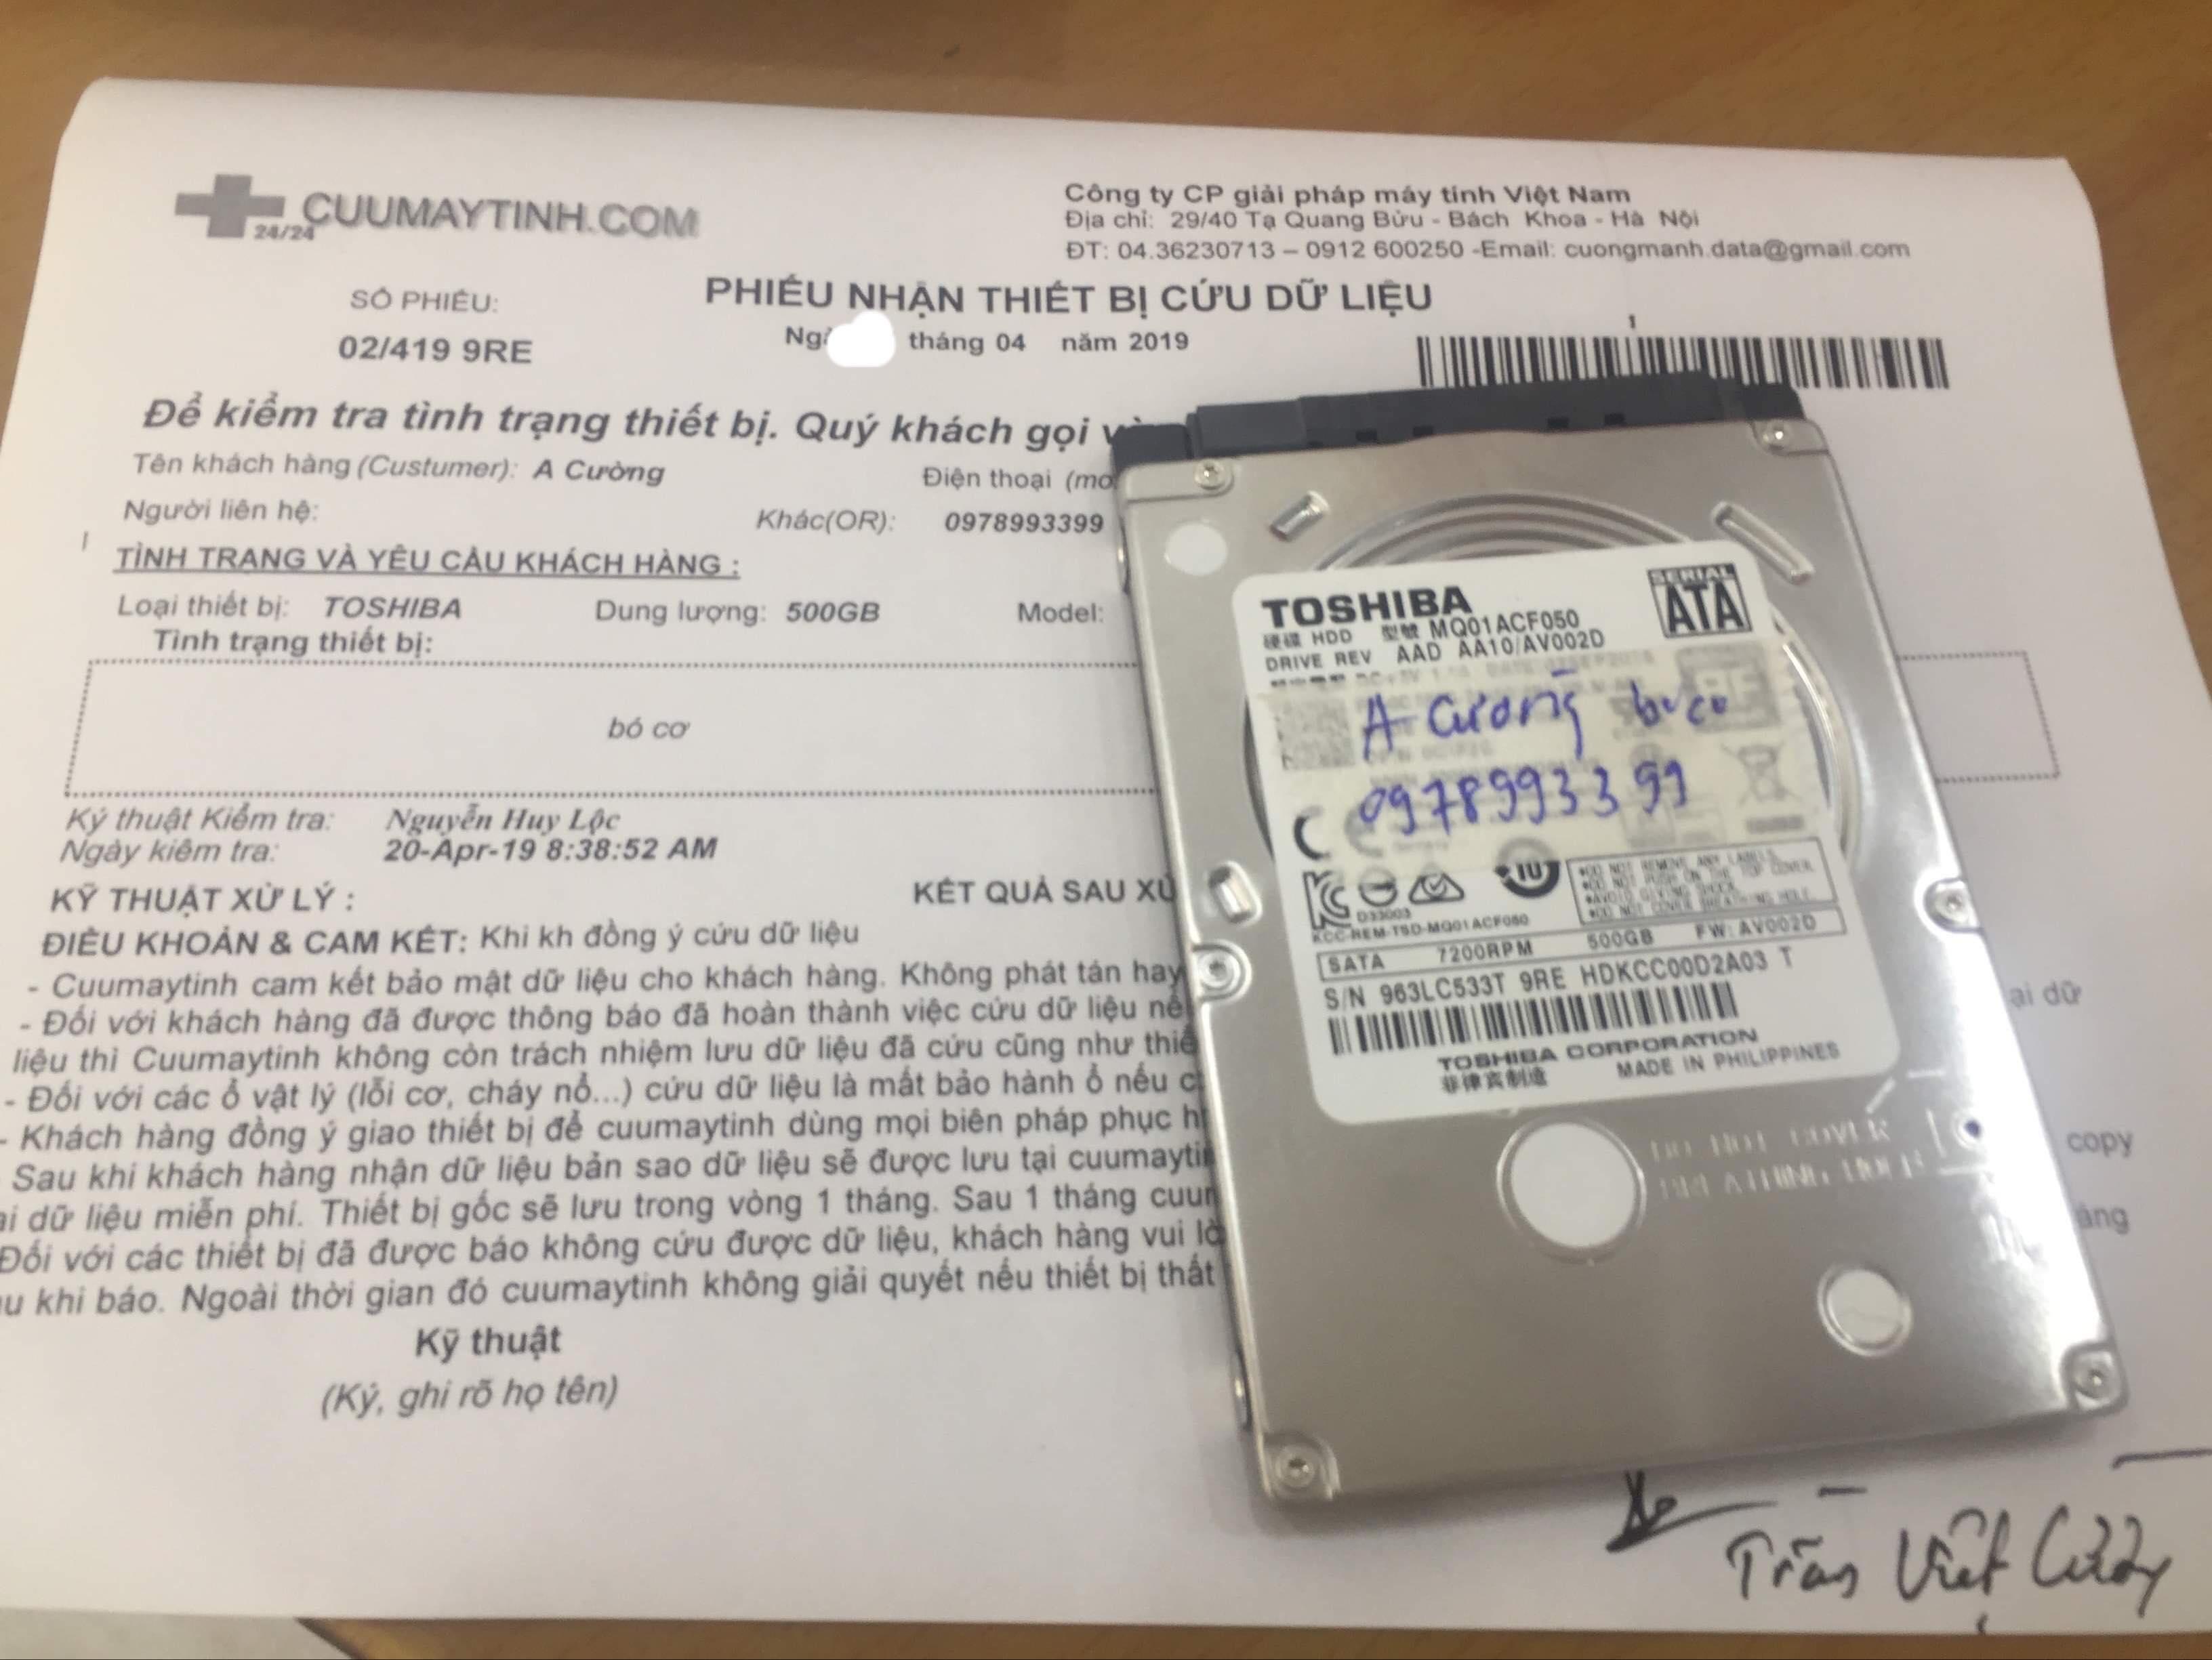 Cứu dữ liệu ổ cứng Toshiba 500GB bó cơ 27/05/2019 - cuumaytinh